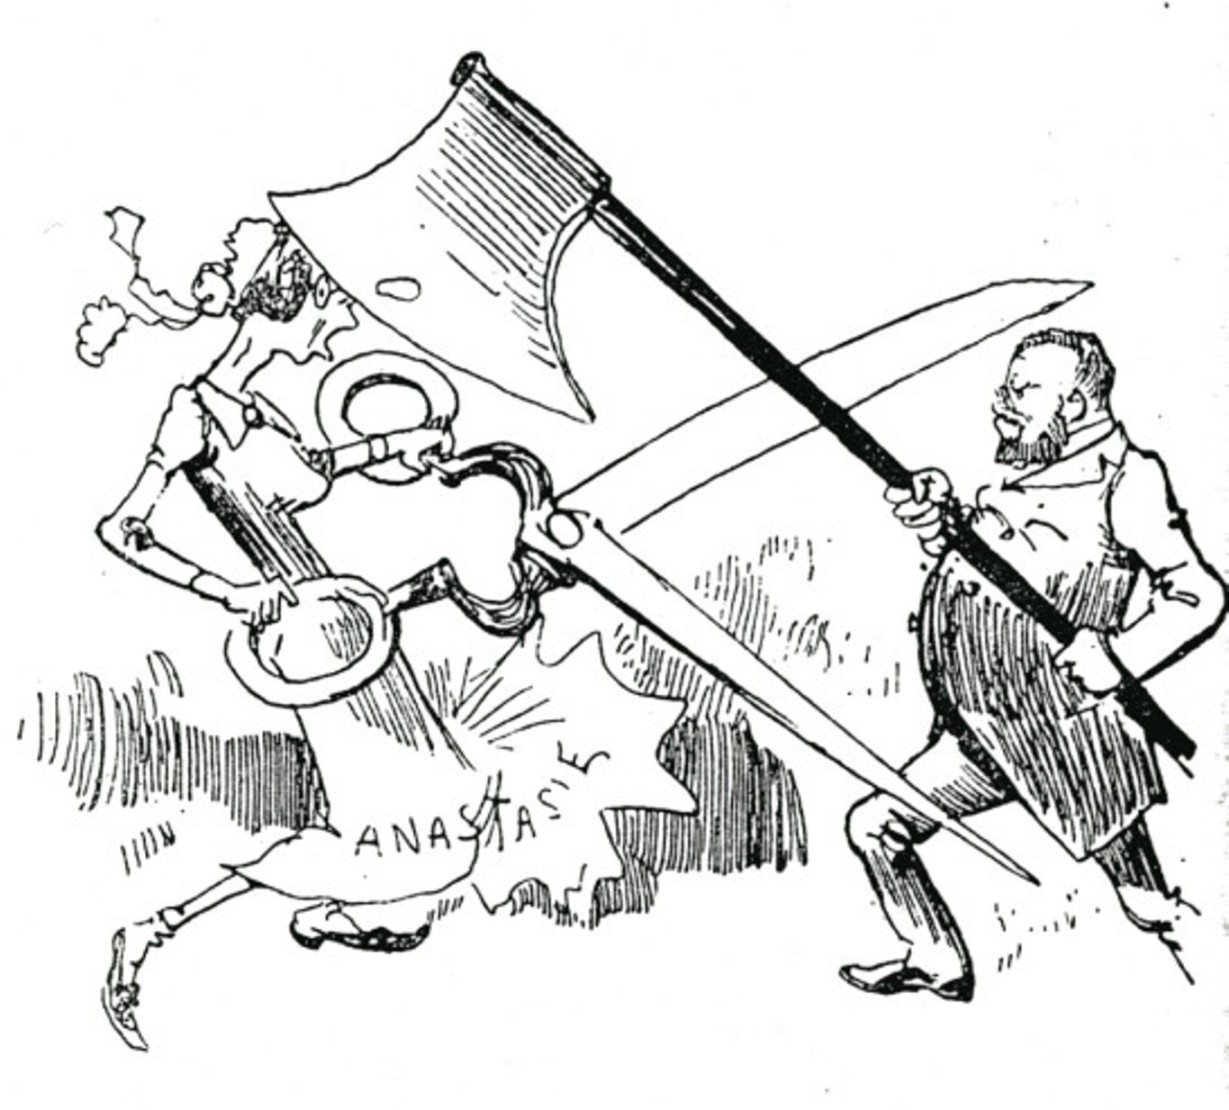 Image - Grand combat entre Zola et la censure